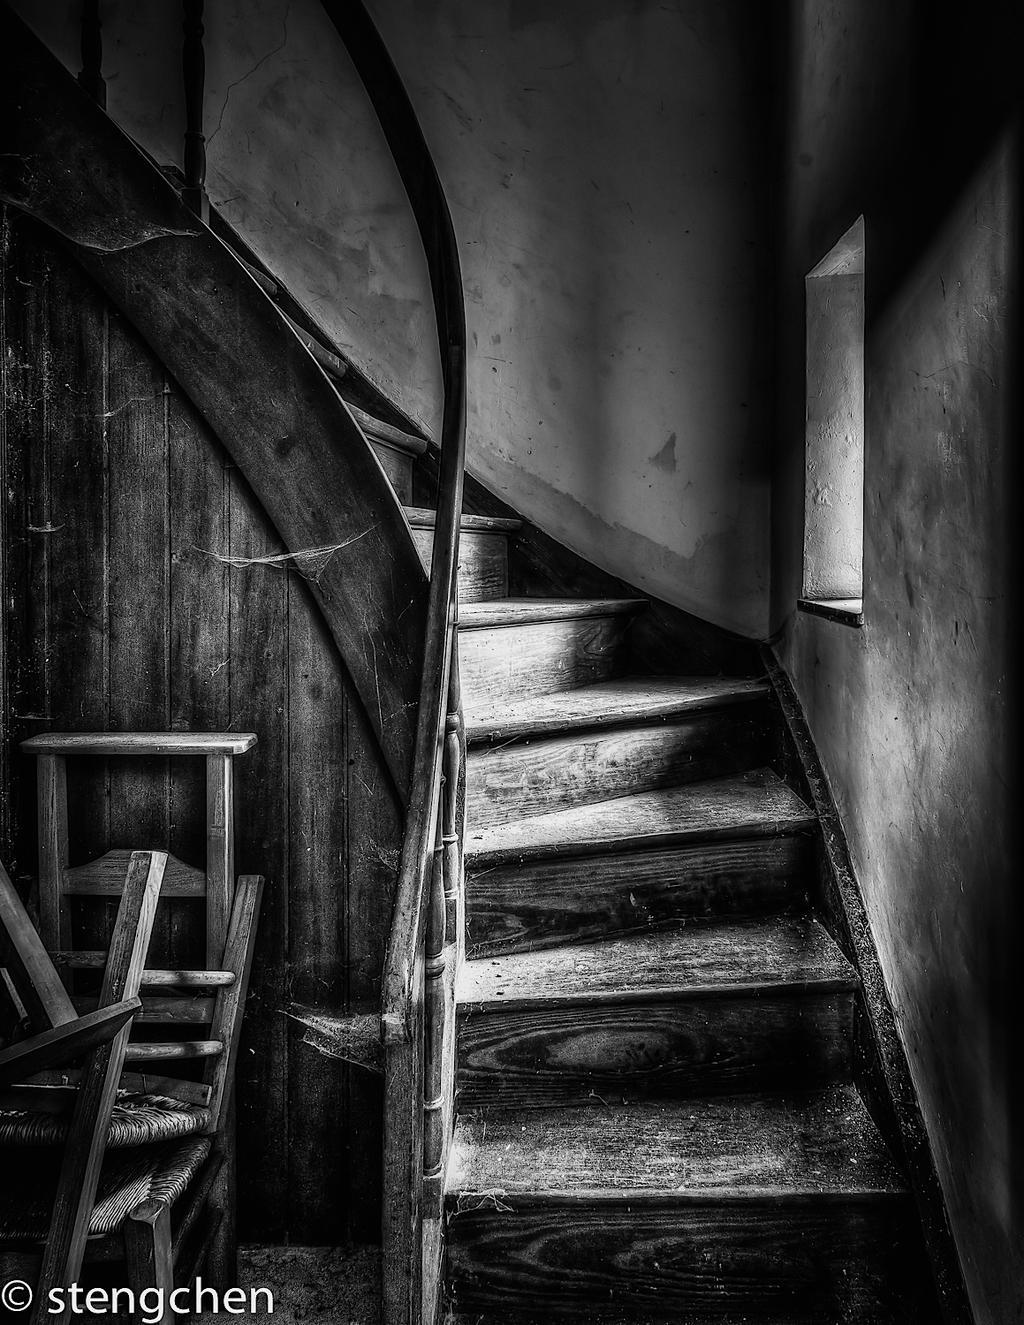 Dark Stairs by stengchen